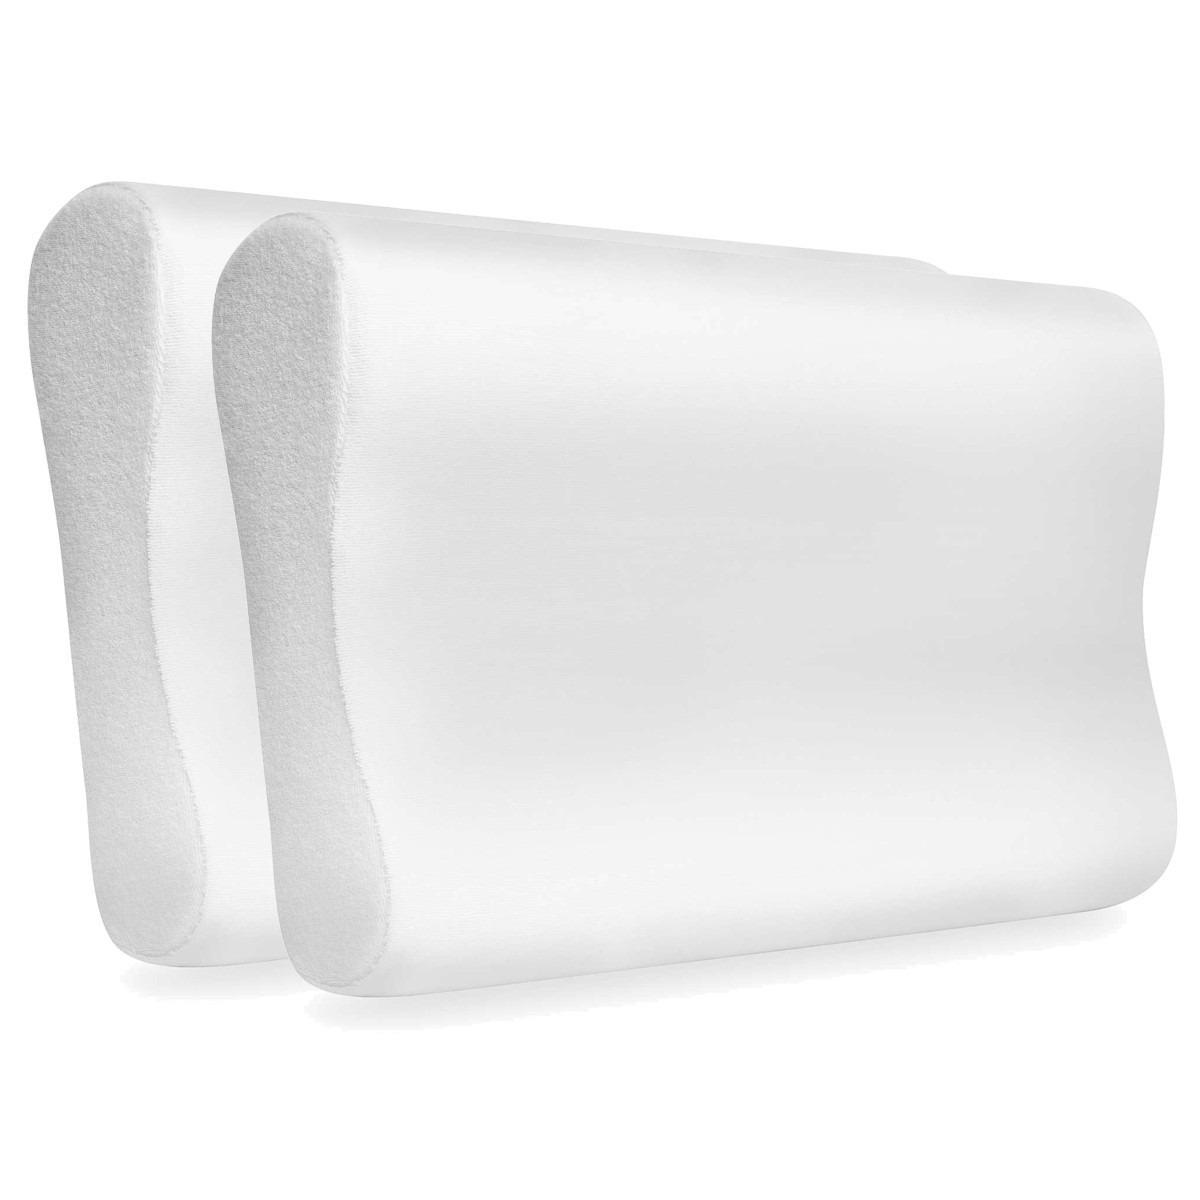 Cu l es la mejor almohada y c mo elegirla buena vibra for La mejor almohada del mercado